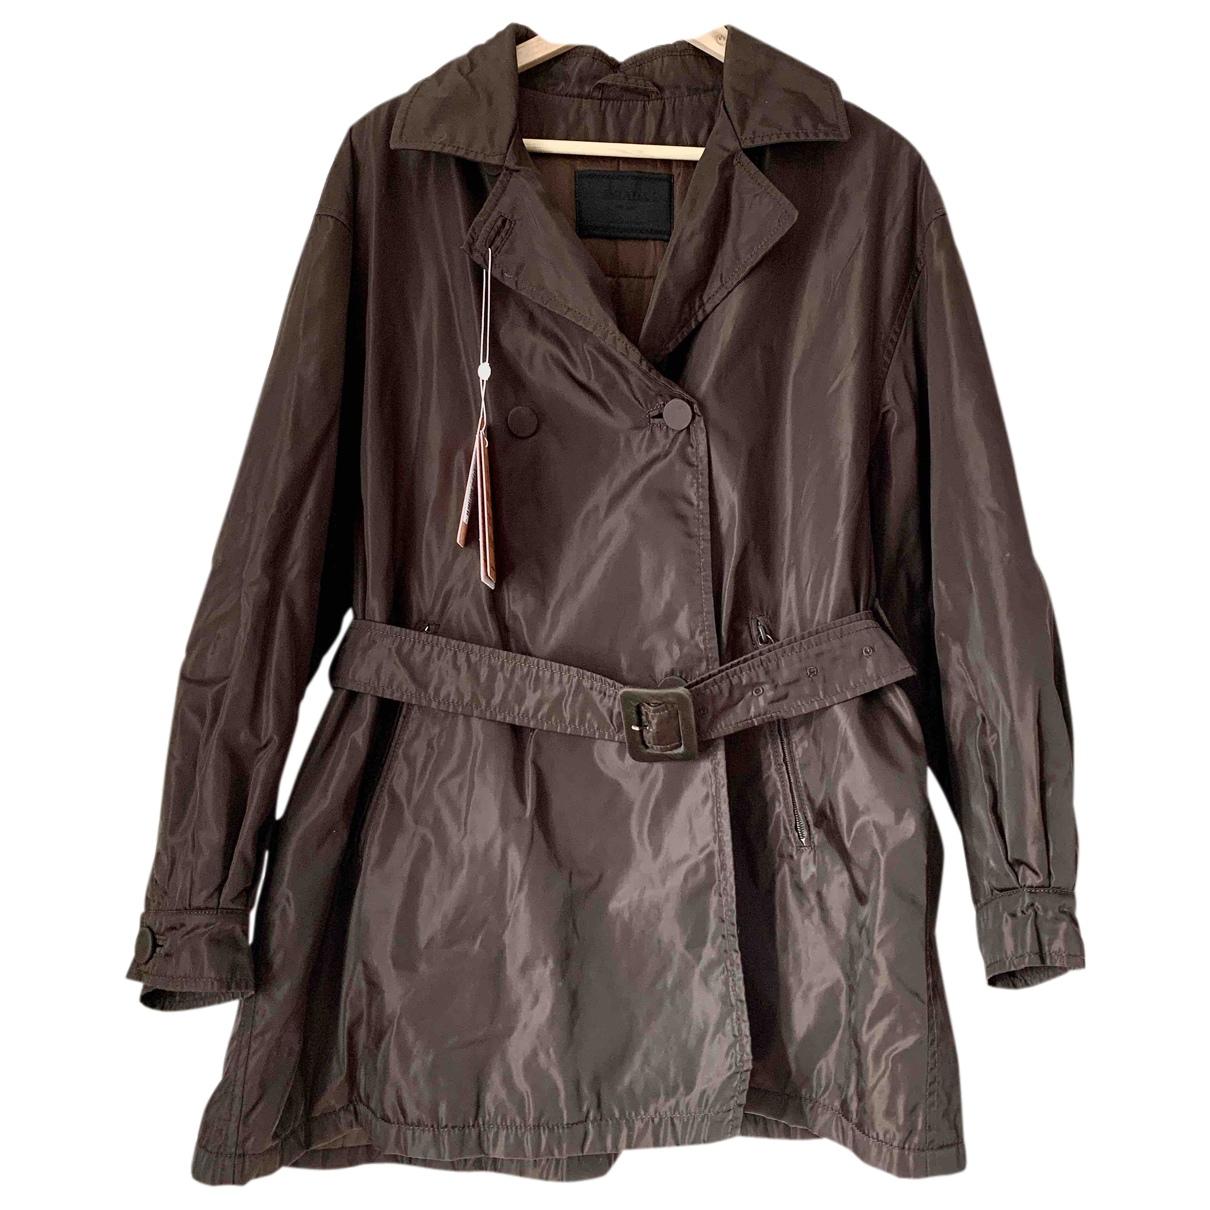 Prada N Brown coat for Women M International